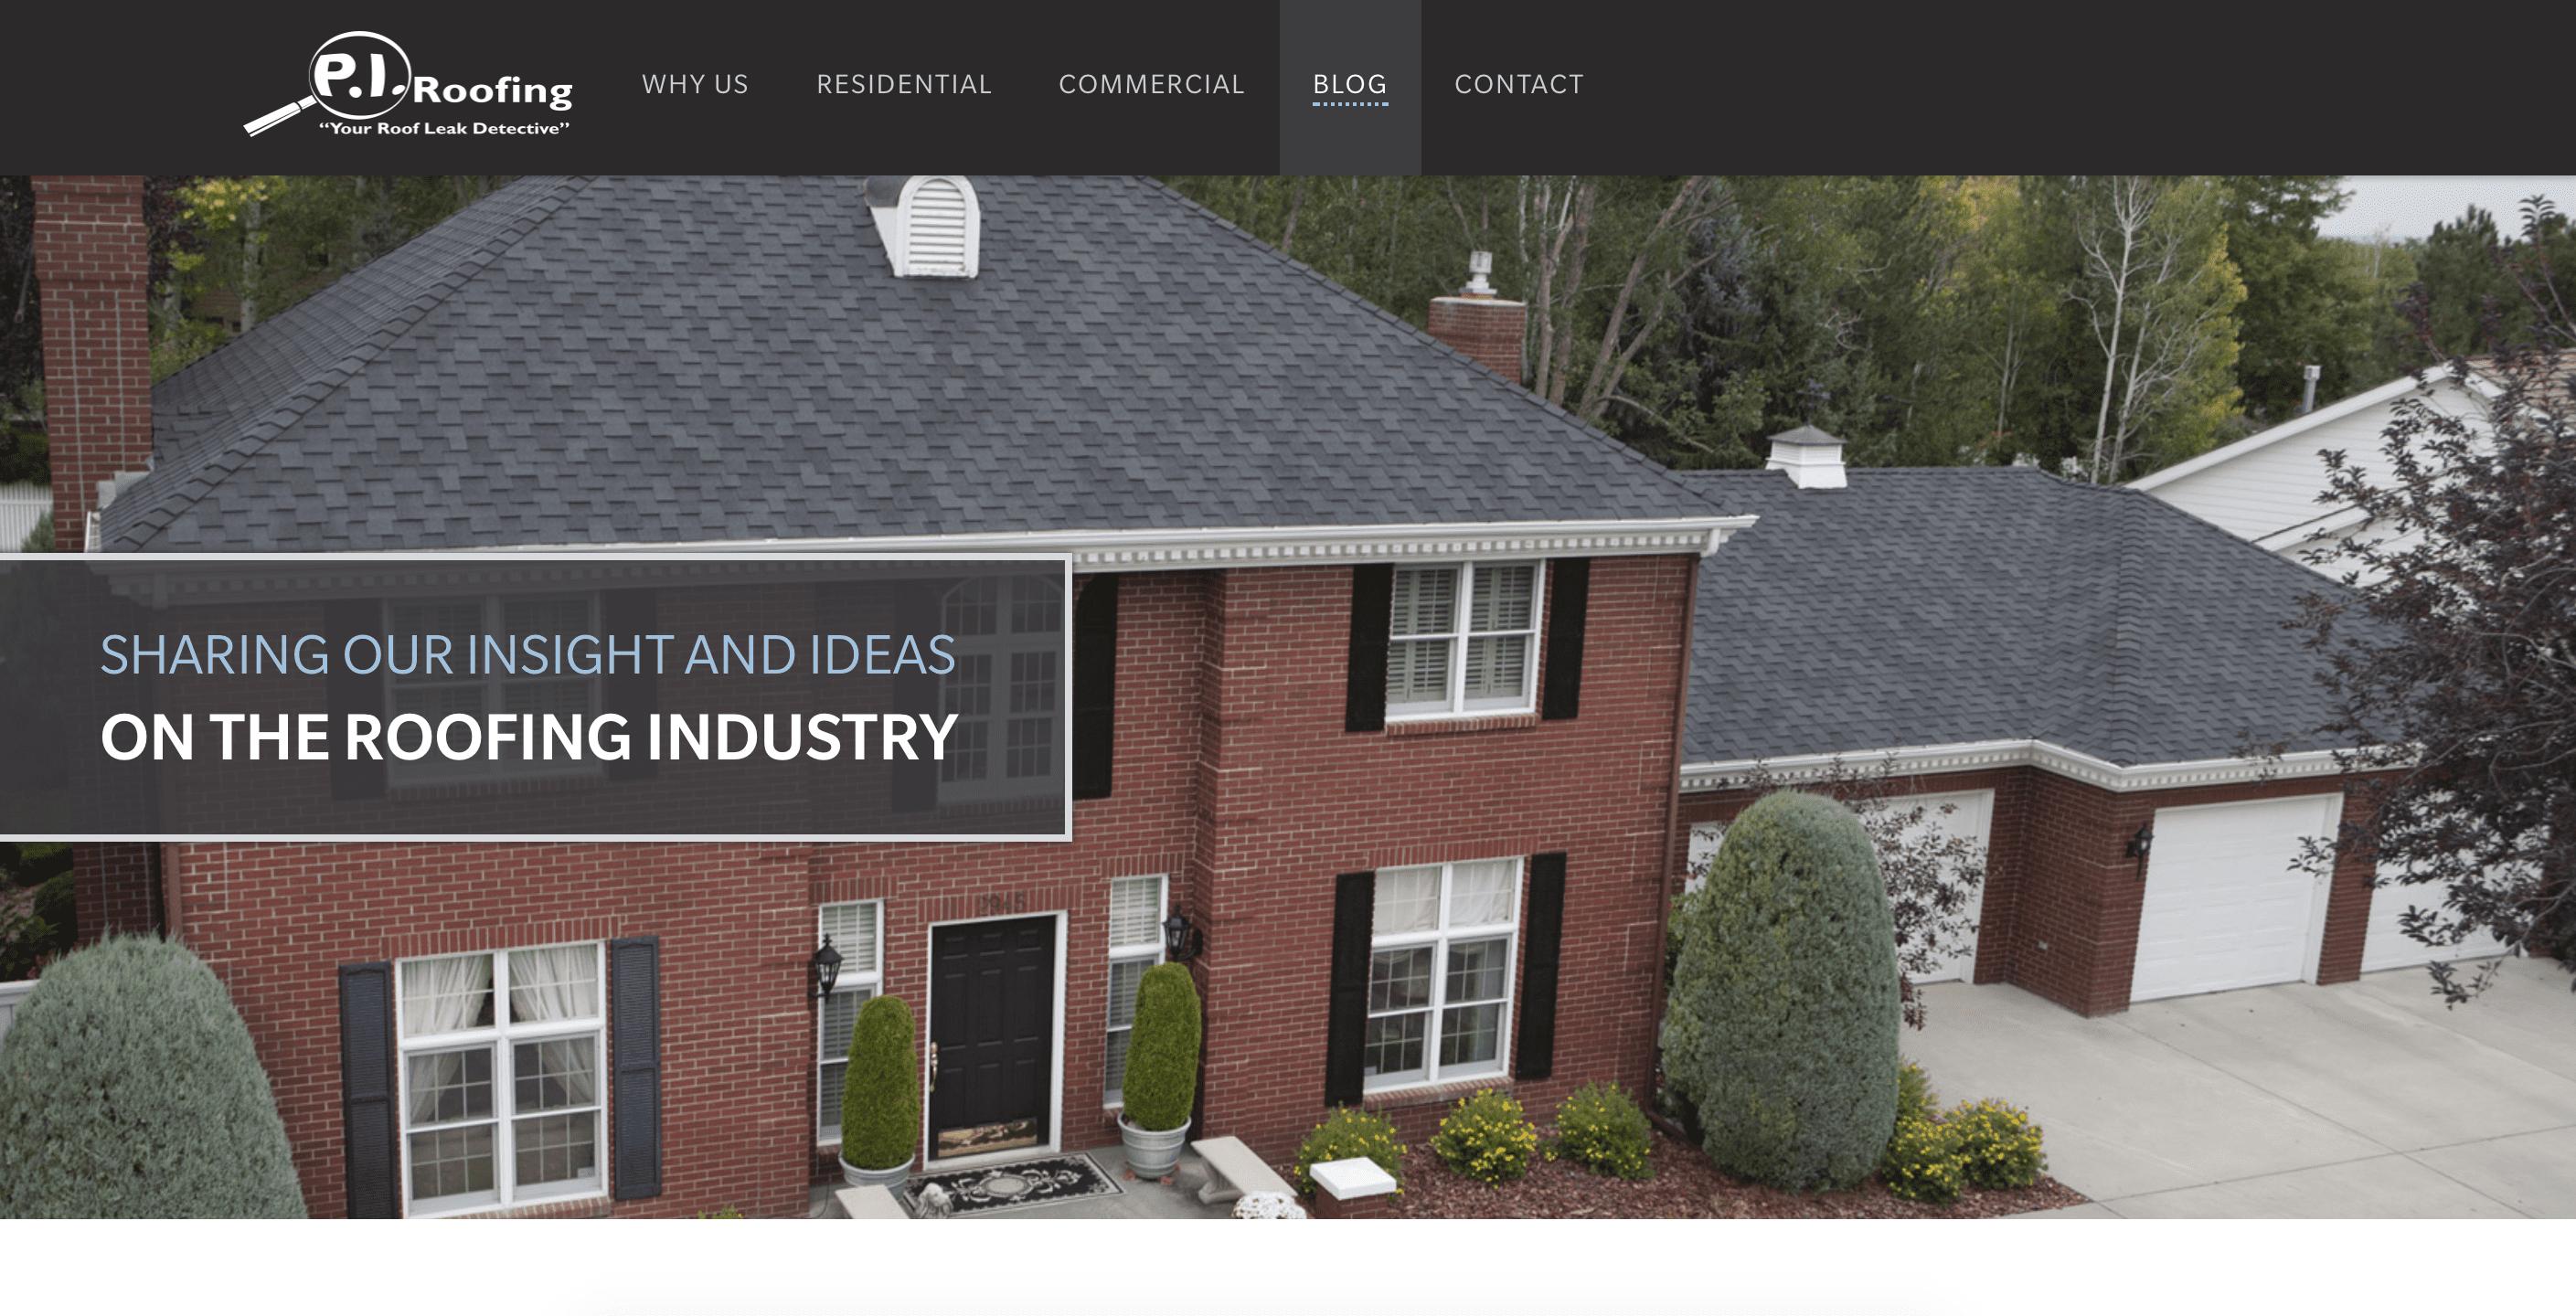 pi-roofing mobile app builder